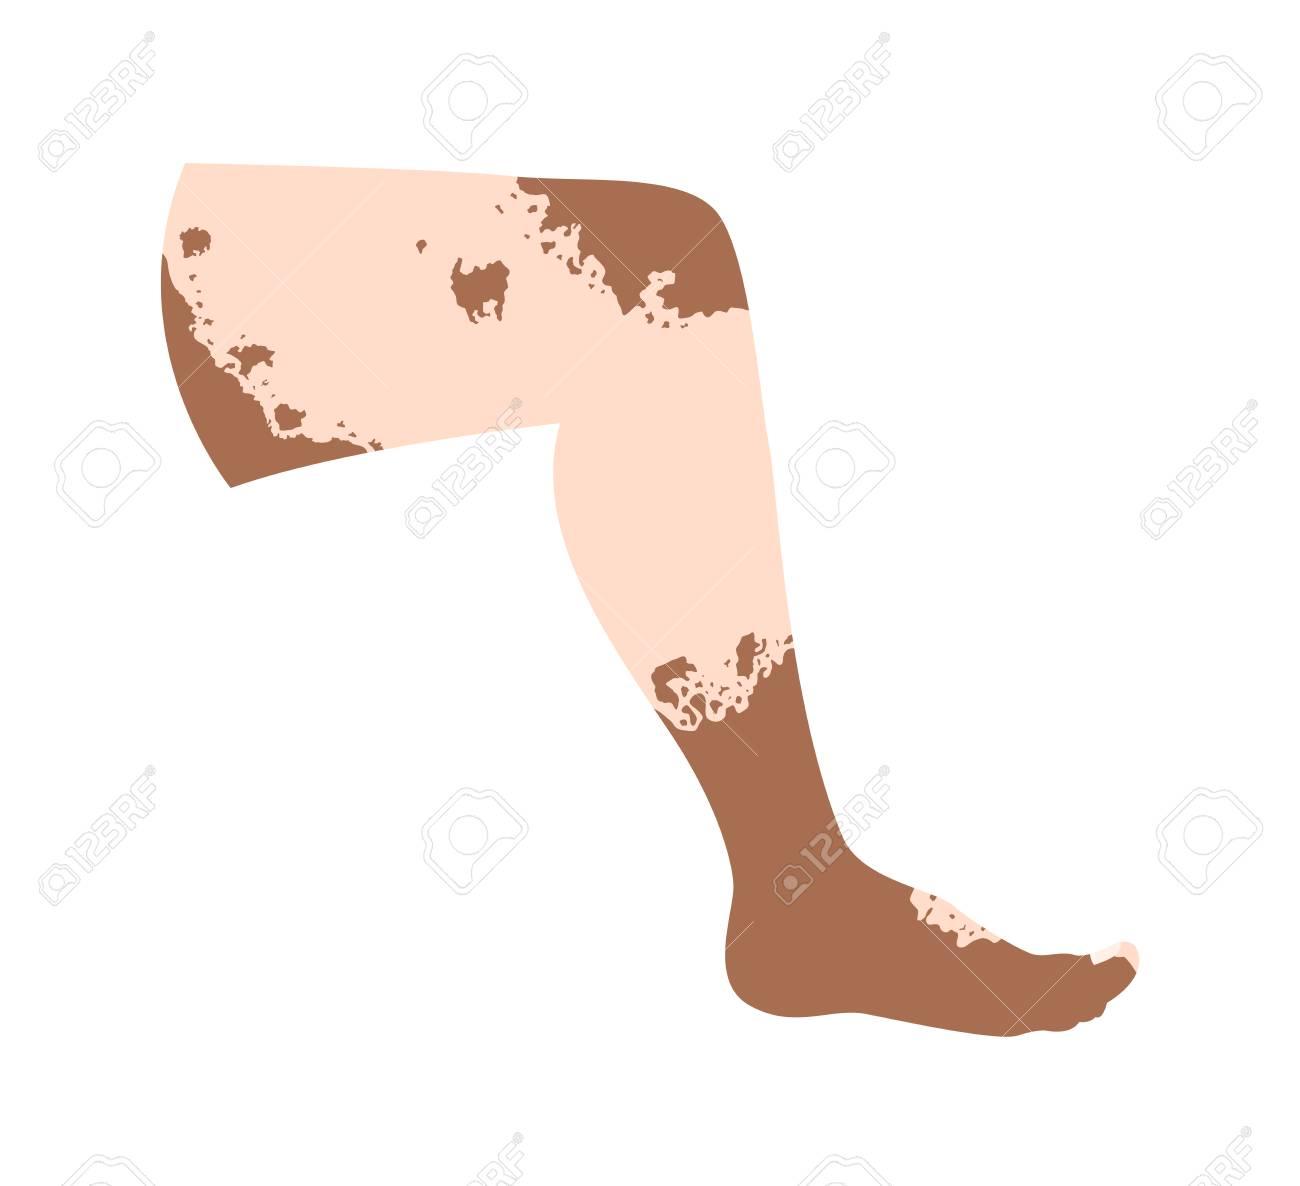 Vitiligo On Skin Layer Anatomy Vector Royalty Free Cliparts, Vectors ...